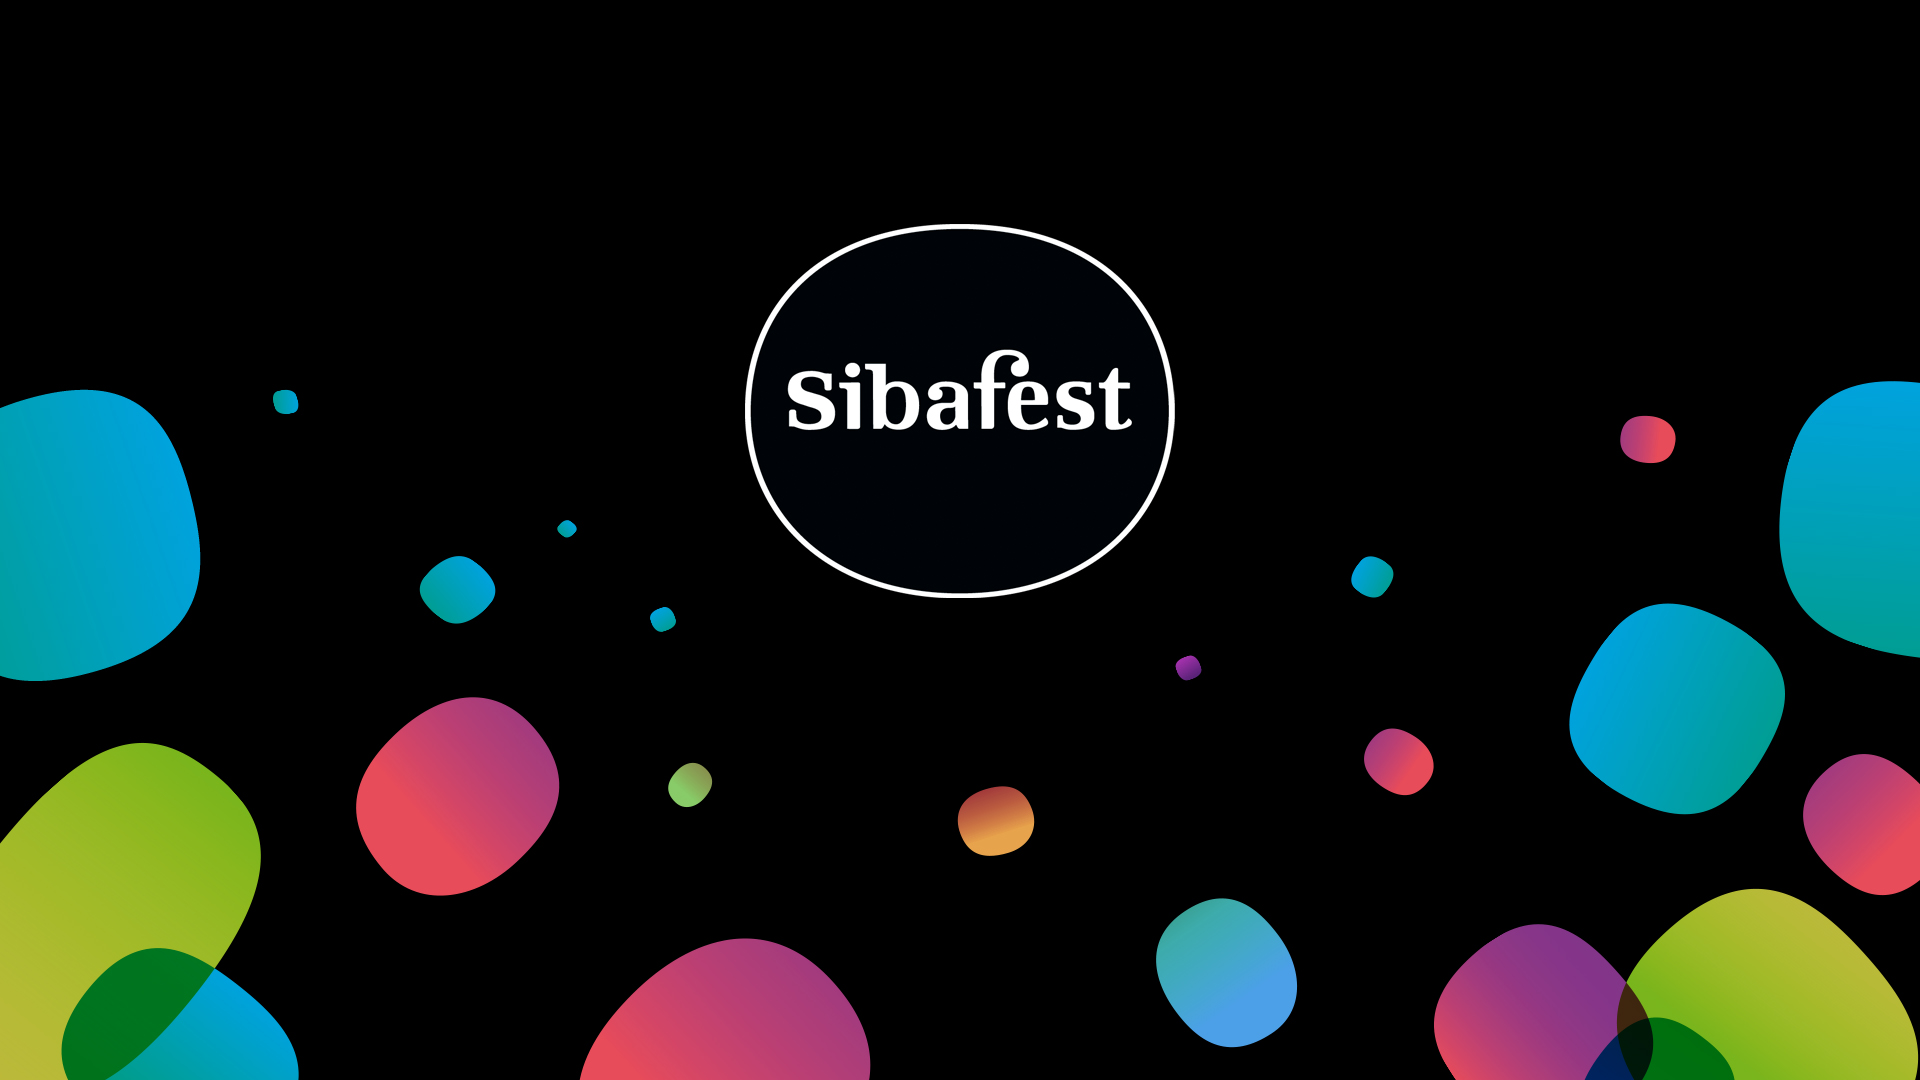 Sibafest_2016